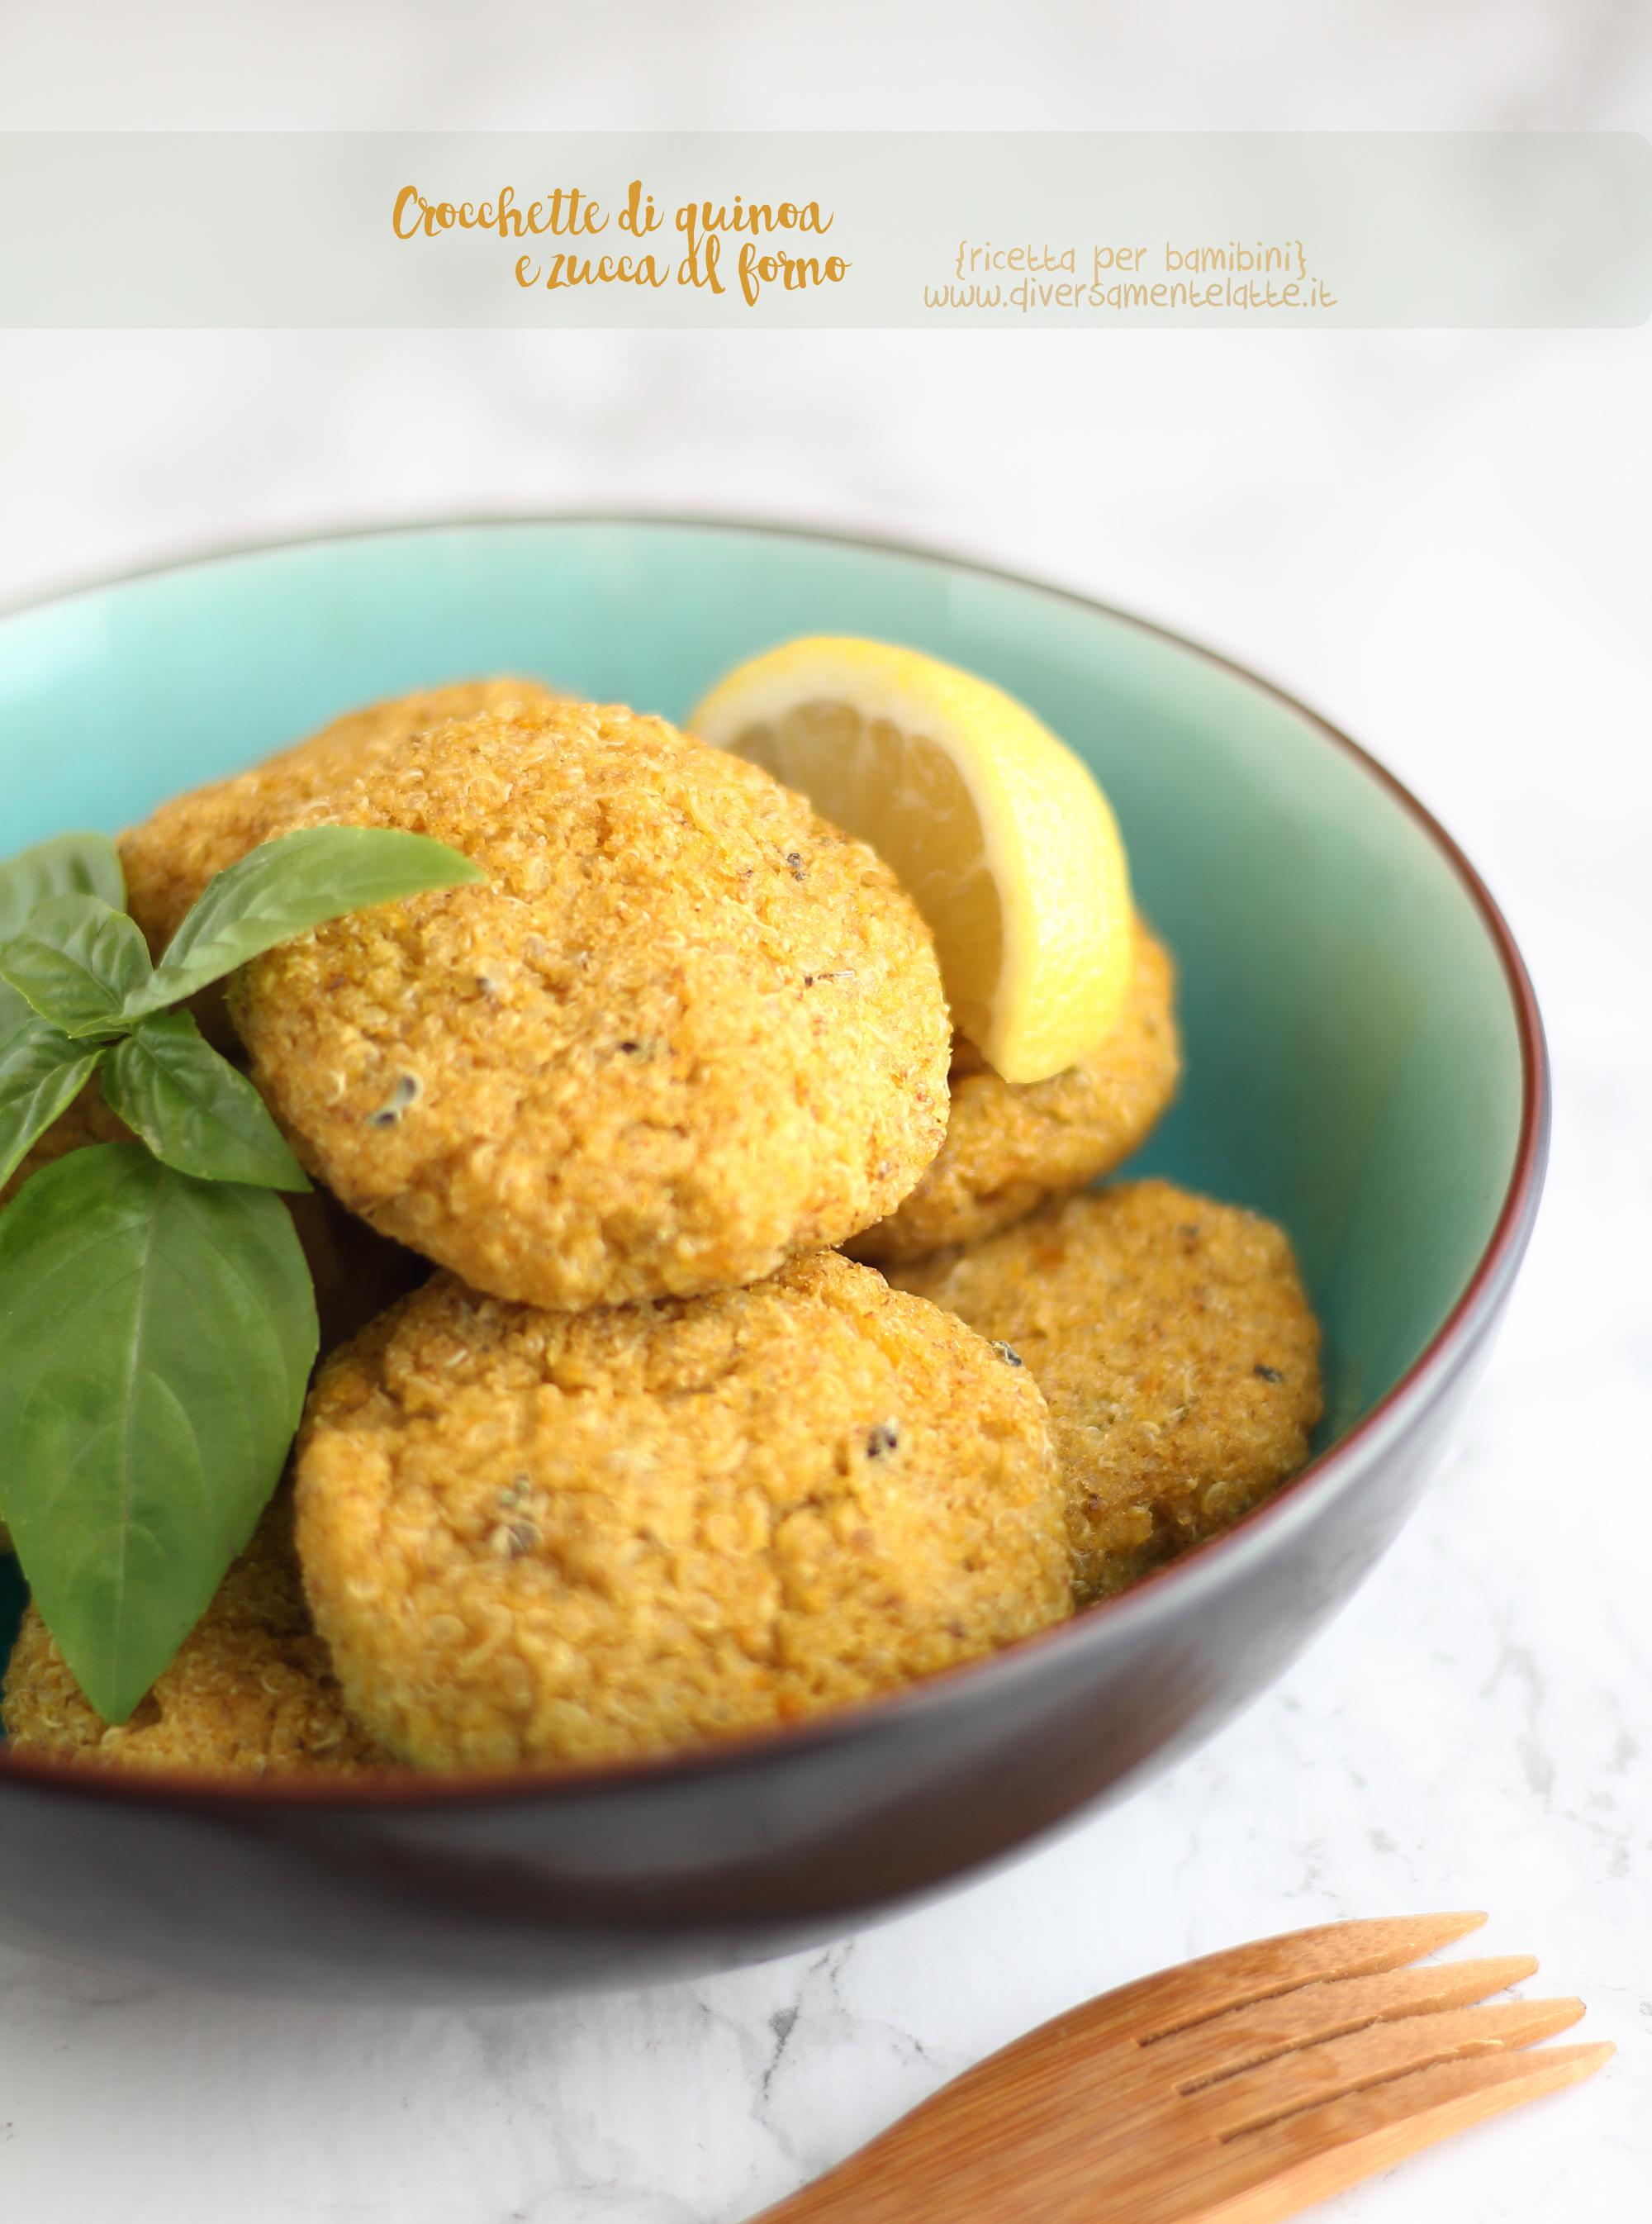 crocchette di quinoa e zucca ricetta per bambini